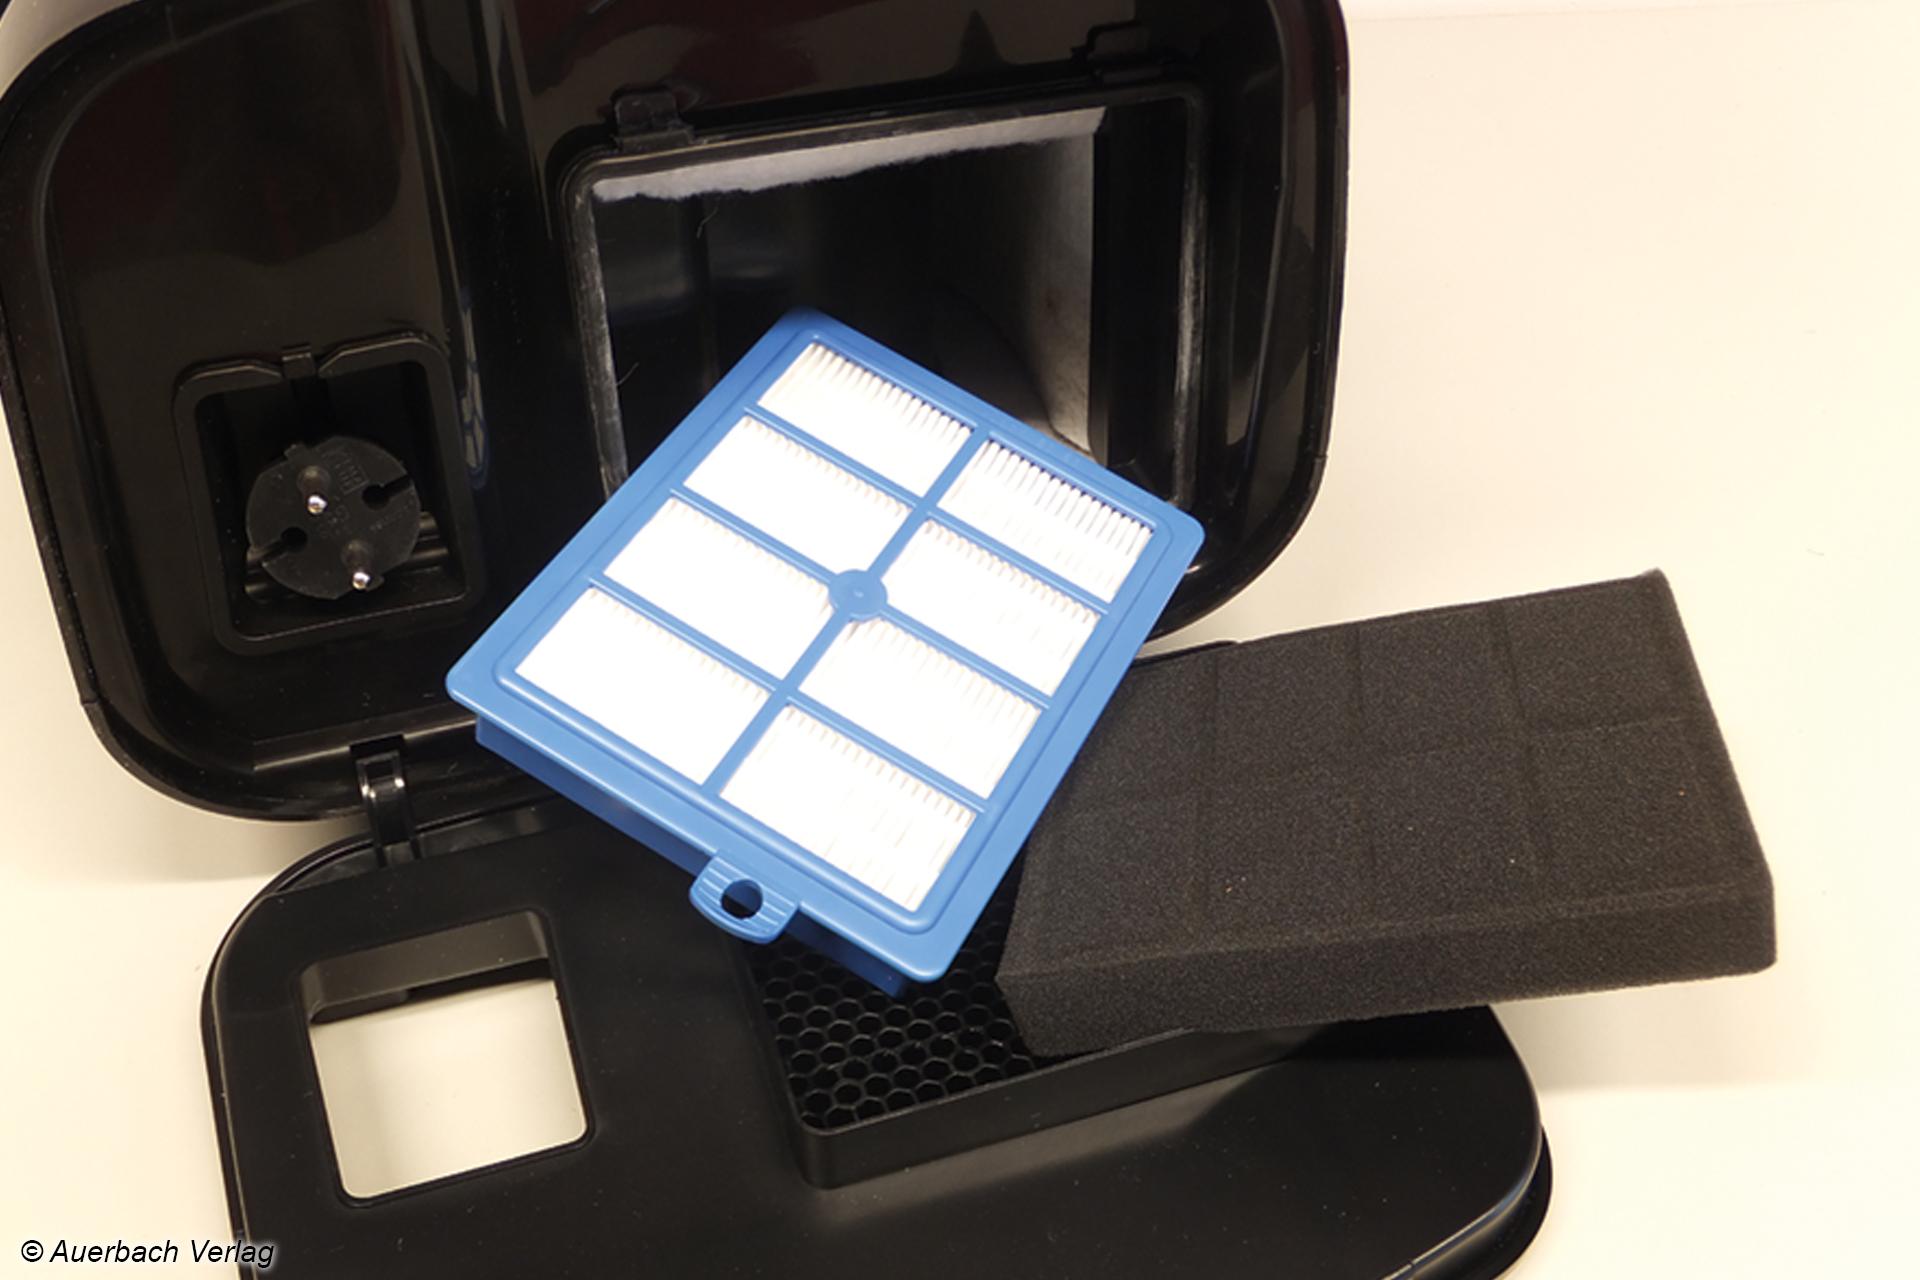 Schaumstoff-Heckfilter und HEPA-Filterkartusche verstecken sich unter einer Klappe am Heck, sind auf Knopfdruck zu erreichen, sogar einhändig herauszunehmen und wieder hineinzusetzen